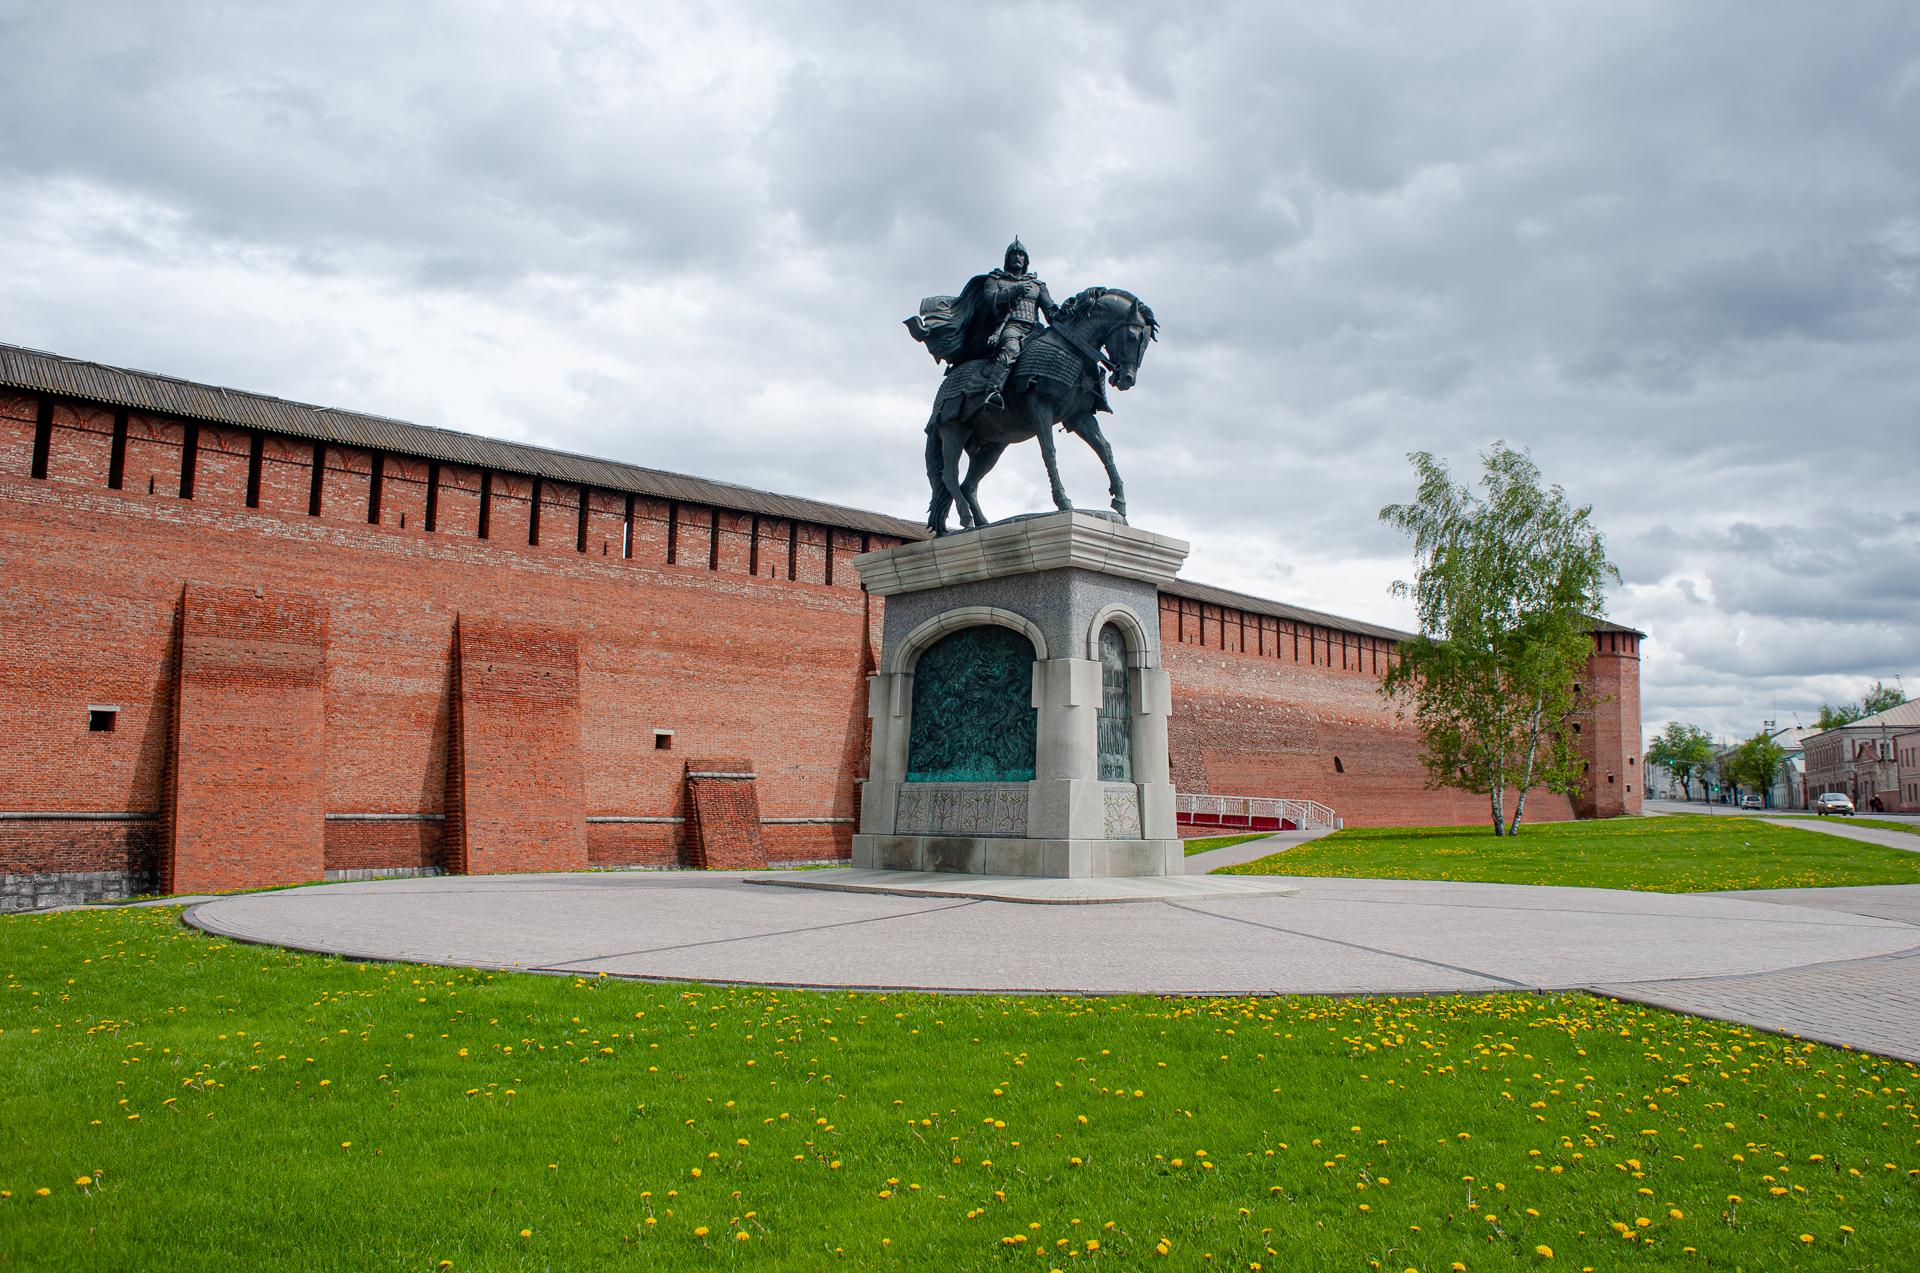 Коломна, Коломенский Кремль, памятник Дмитрия Донского